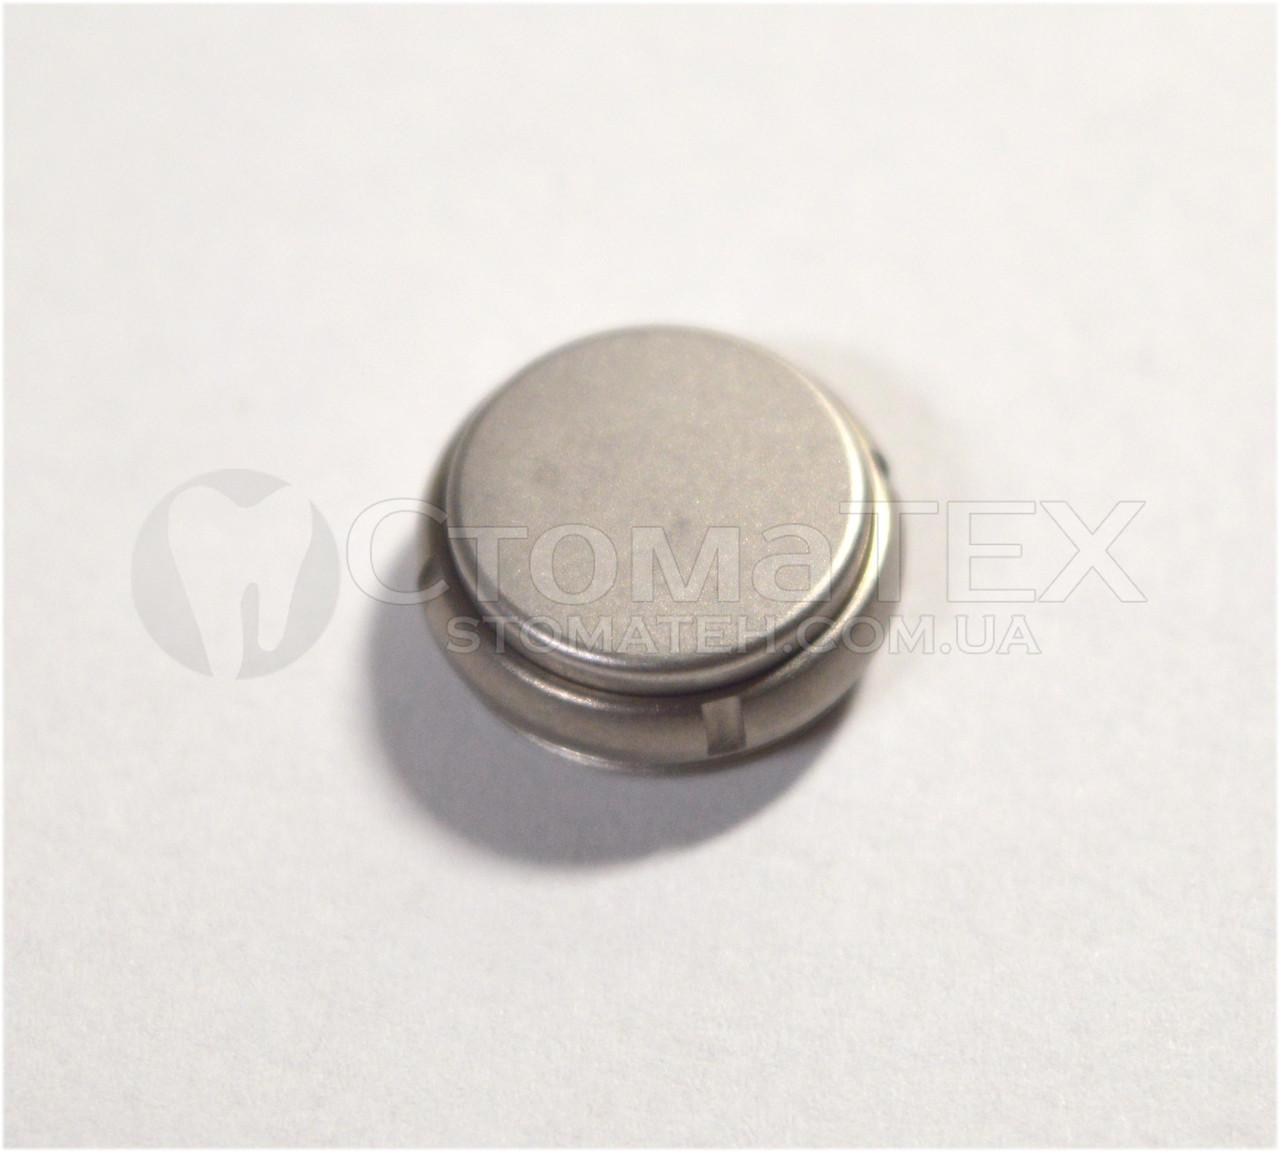 Кнопка для турбинного наконечника SDent ST-12A ортопедическая головка